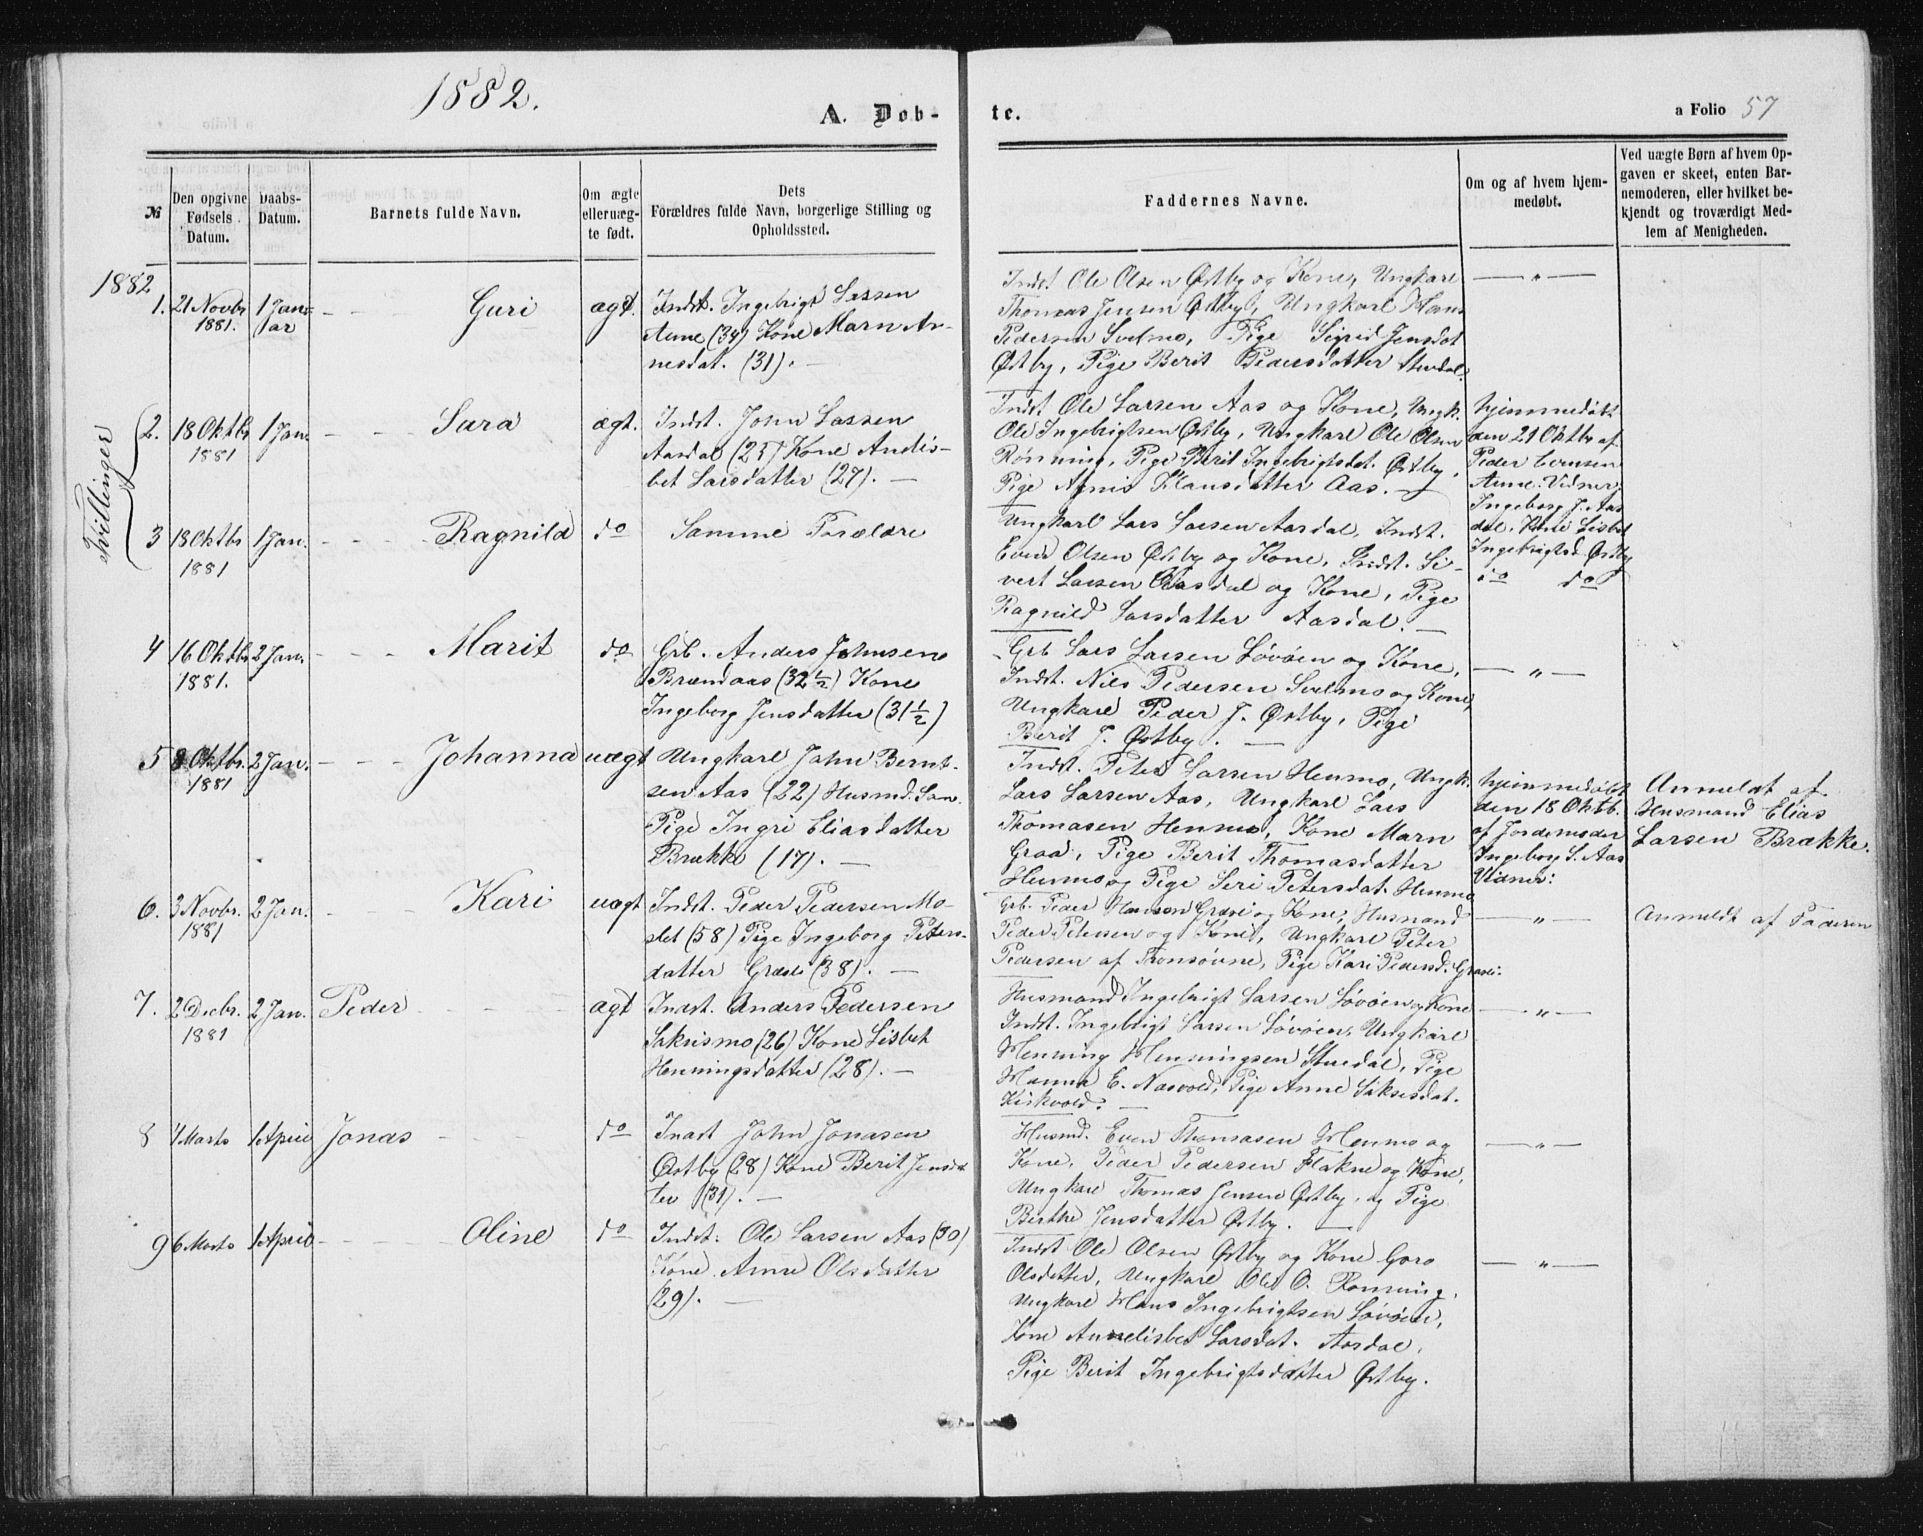 SAT, Ministerialprotokoller, klokkerbøker og fødselsregistre - Sør-Trøndelag, 698/L1166: Klokkerbok nr. 698C03, 1861-1887, s. 57